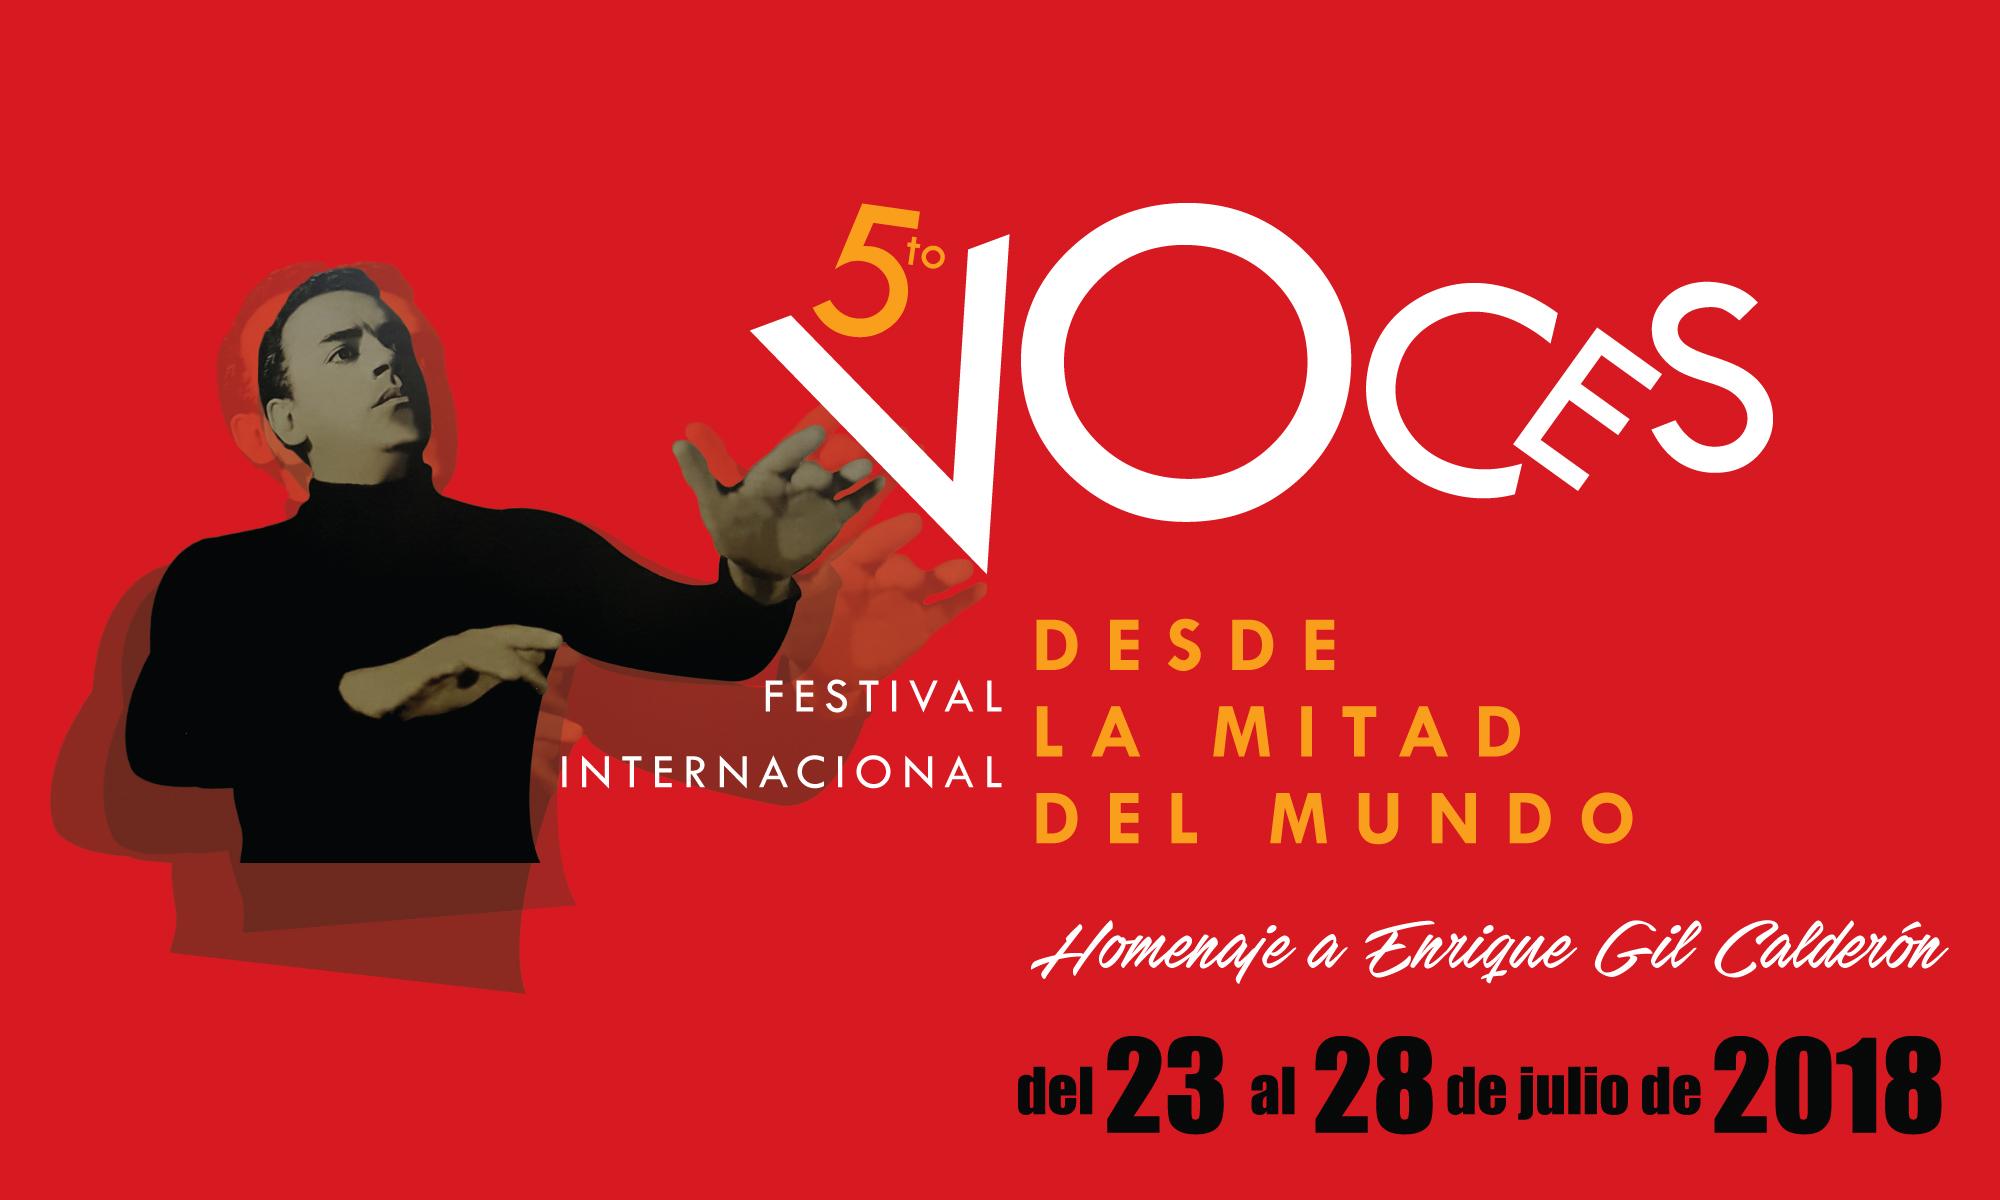 Festival Internacional Voces desde la Mitad del Mundo